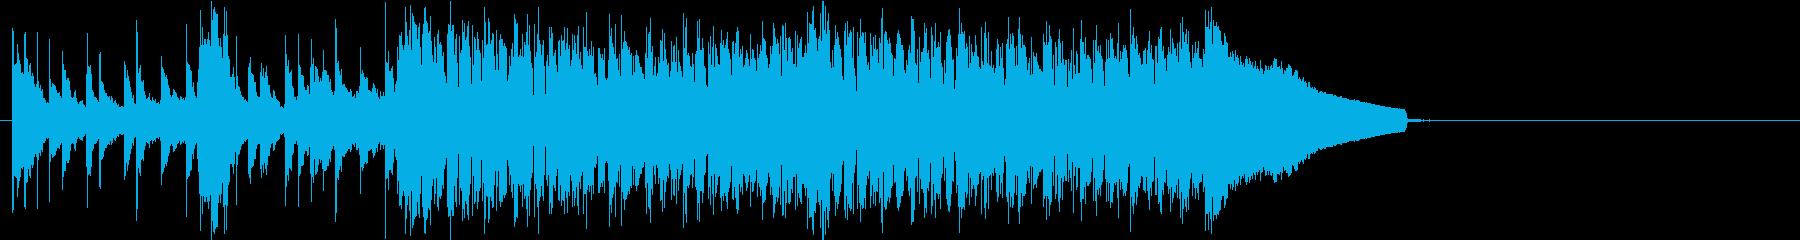 さわやかな雰囲気のストリングスサウンドの再生済みの波形